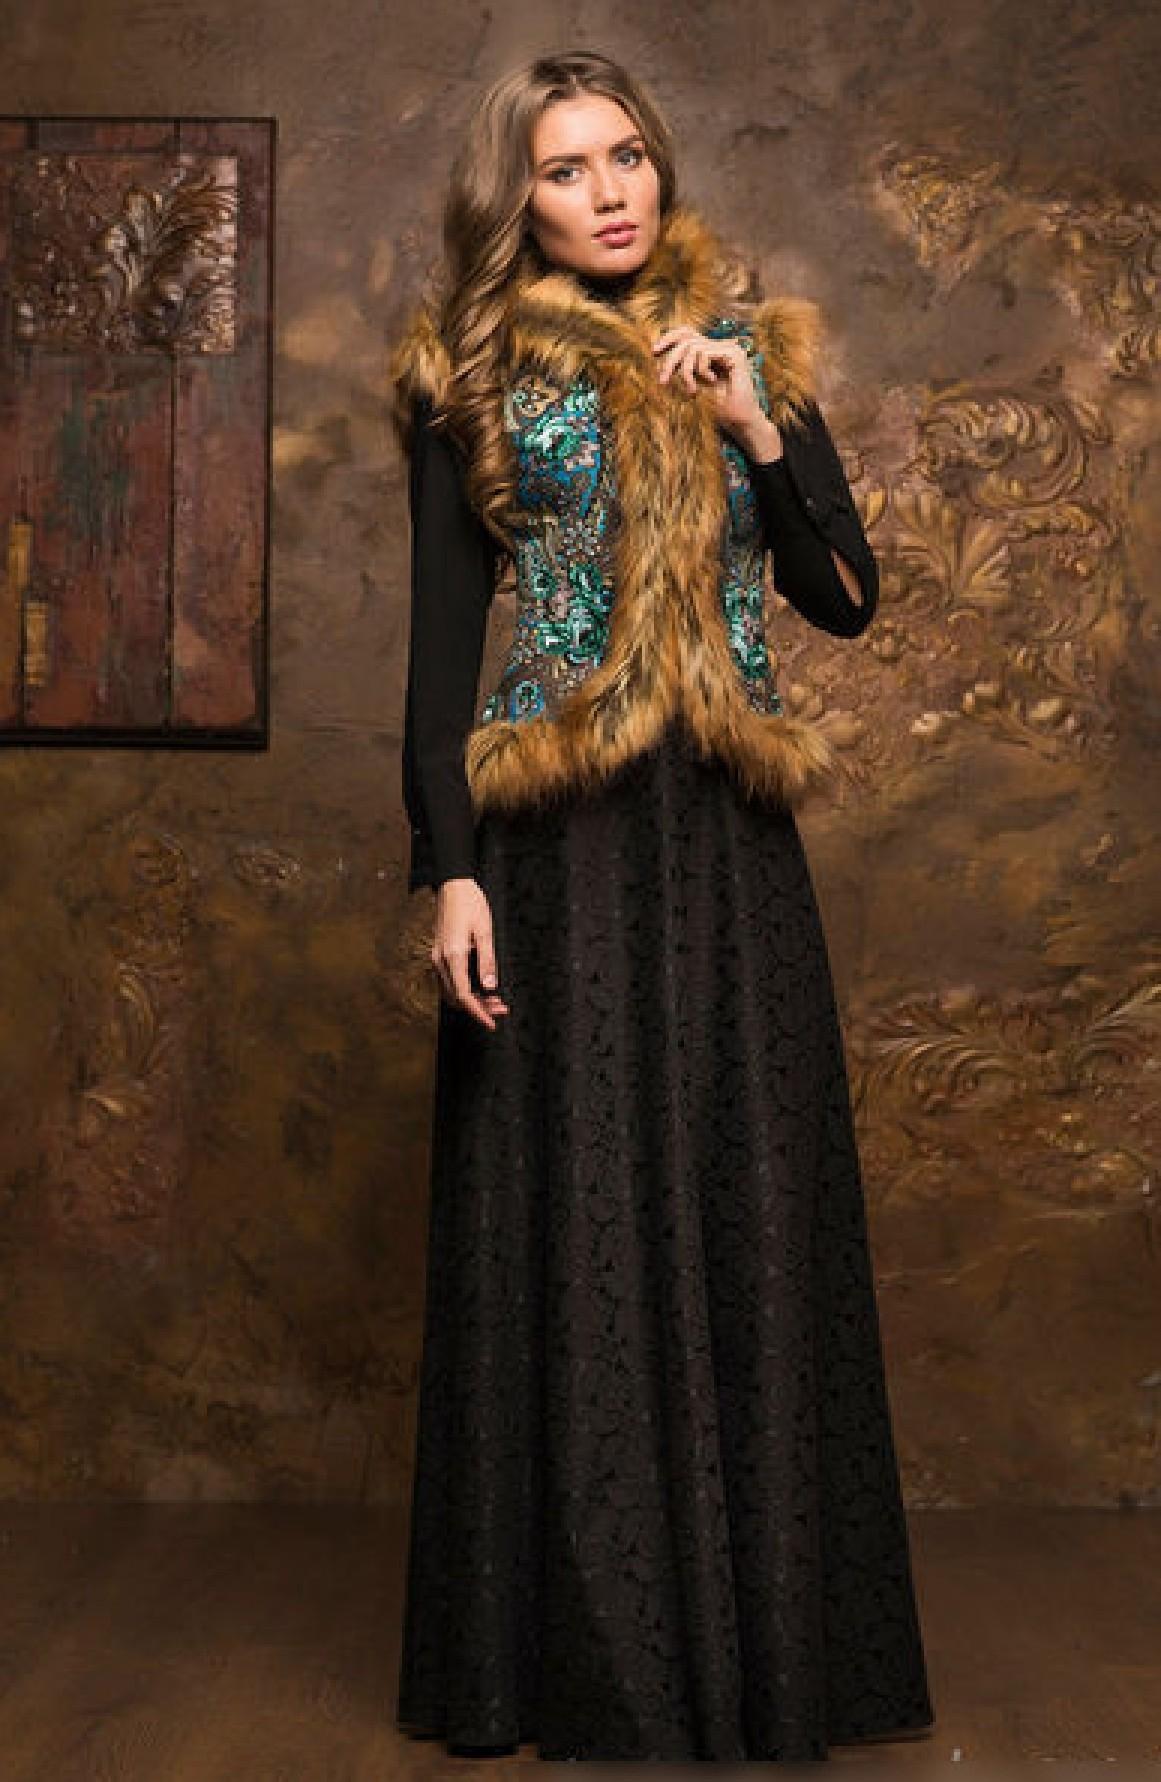 311fcd86f245ea Жилетка в русском стиле из павлопосадских платков и меха. Теплые женские  жилетки в интернет магазине Радэлия.